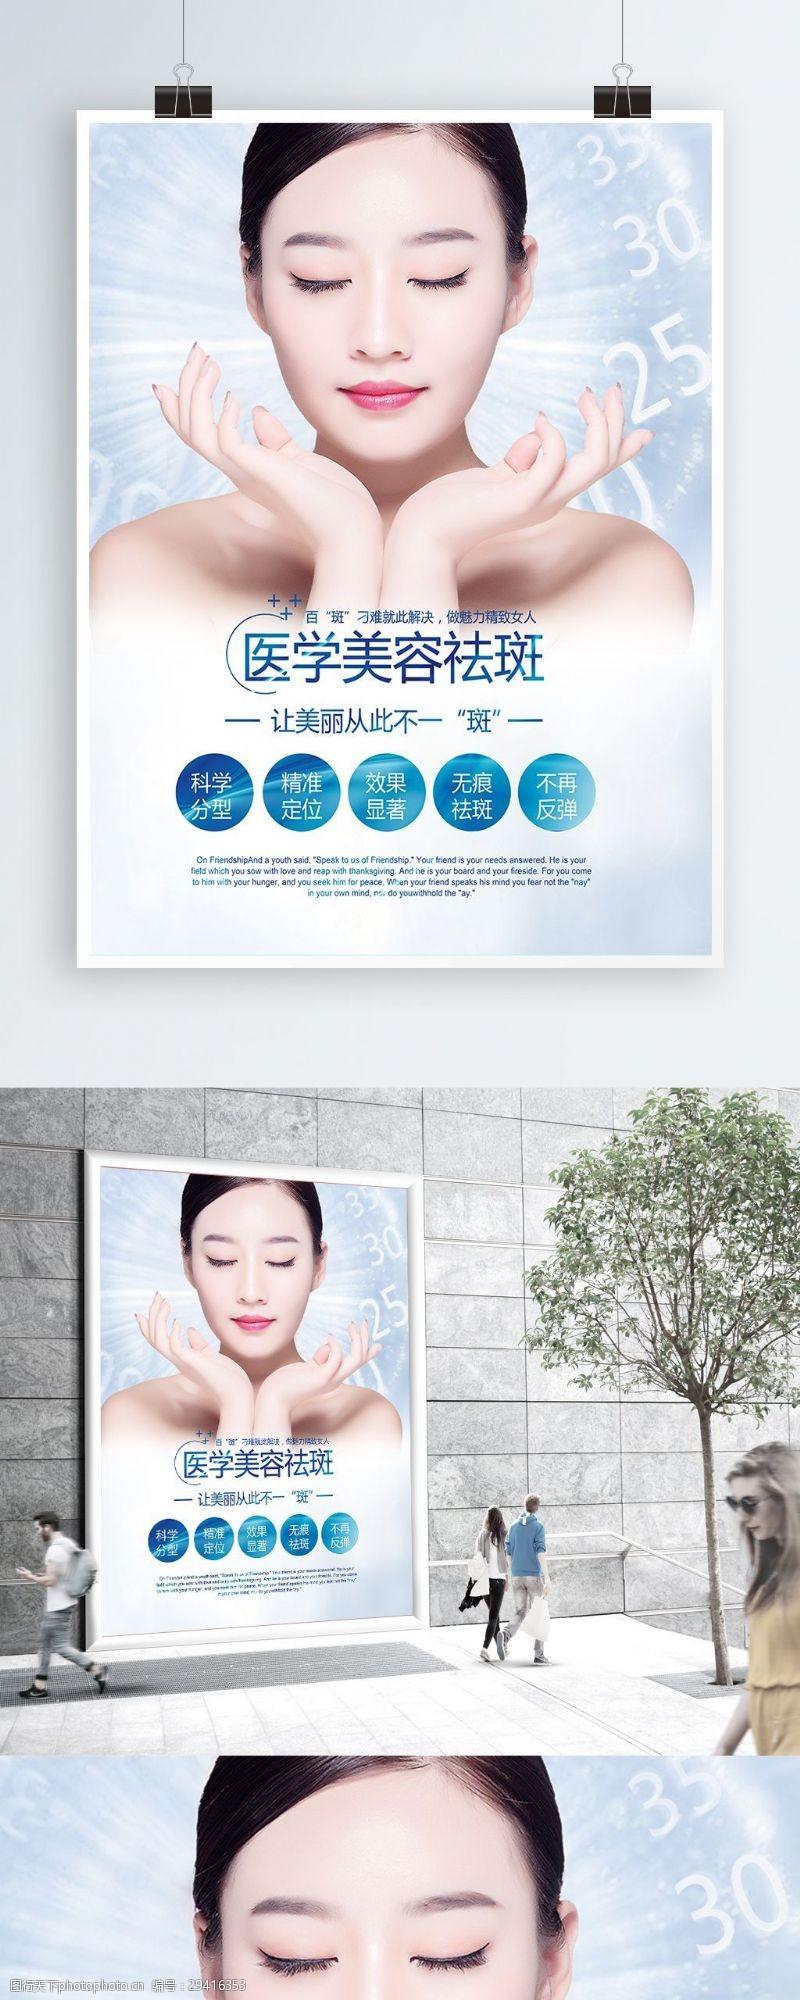 祛斑广告医学祛斑美容海报设计